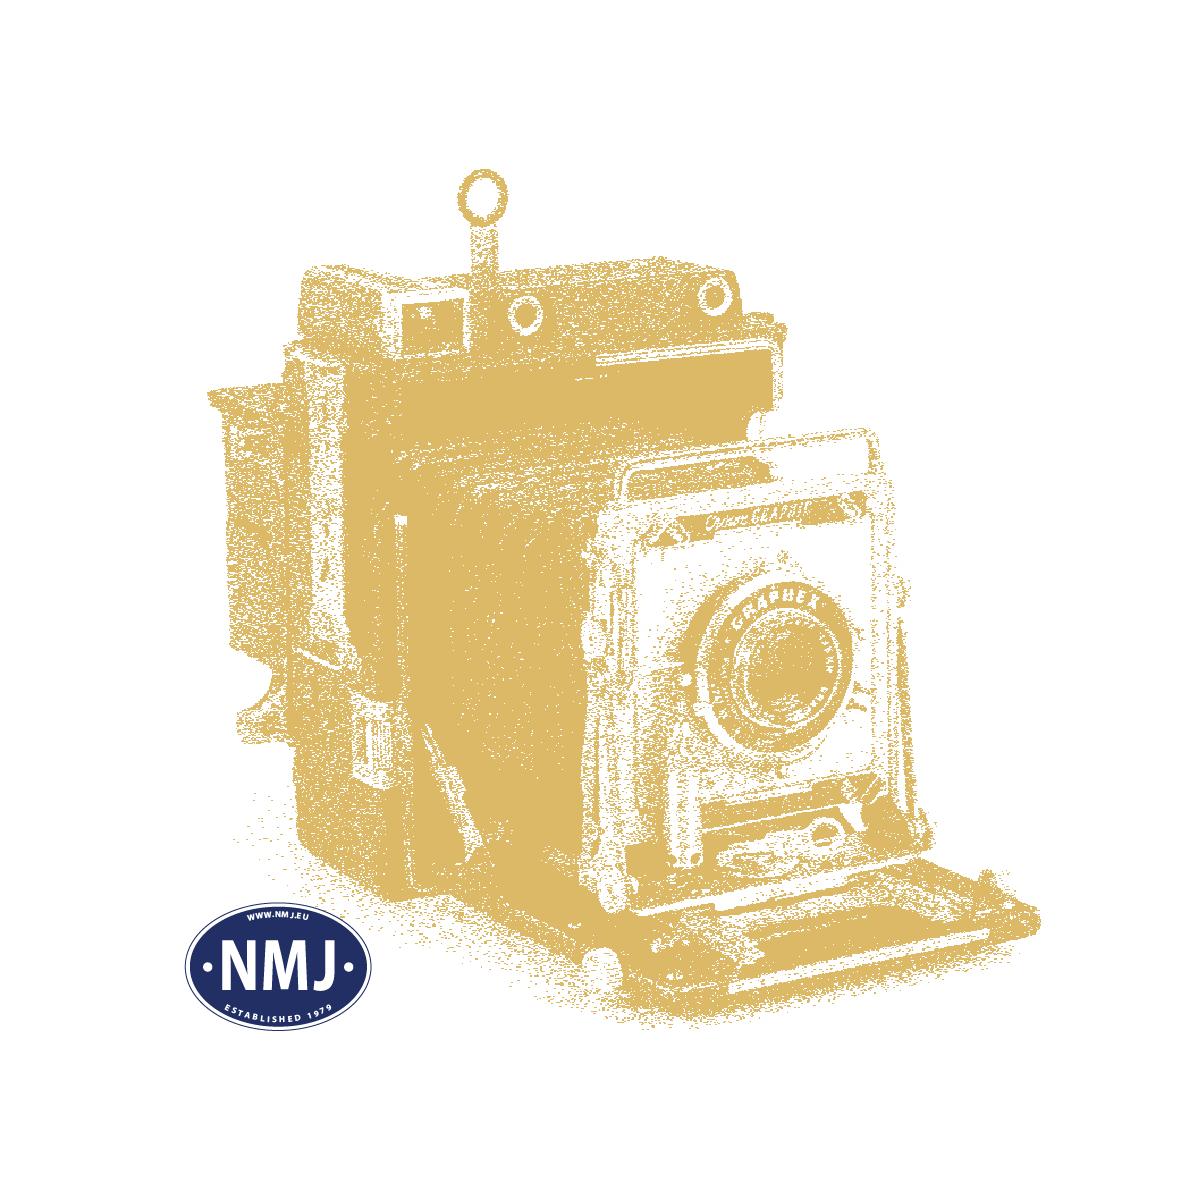 NMJH16104 - NMJ Skyline Moelven Baracke, Bausatz